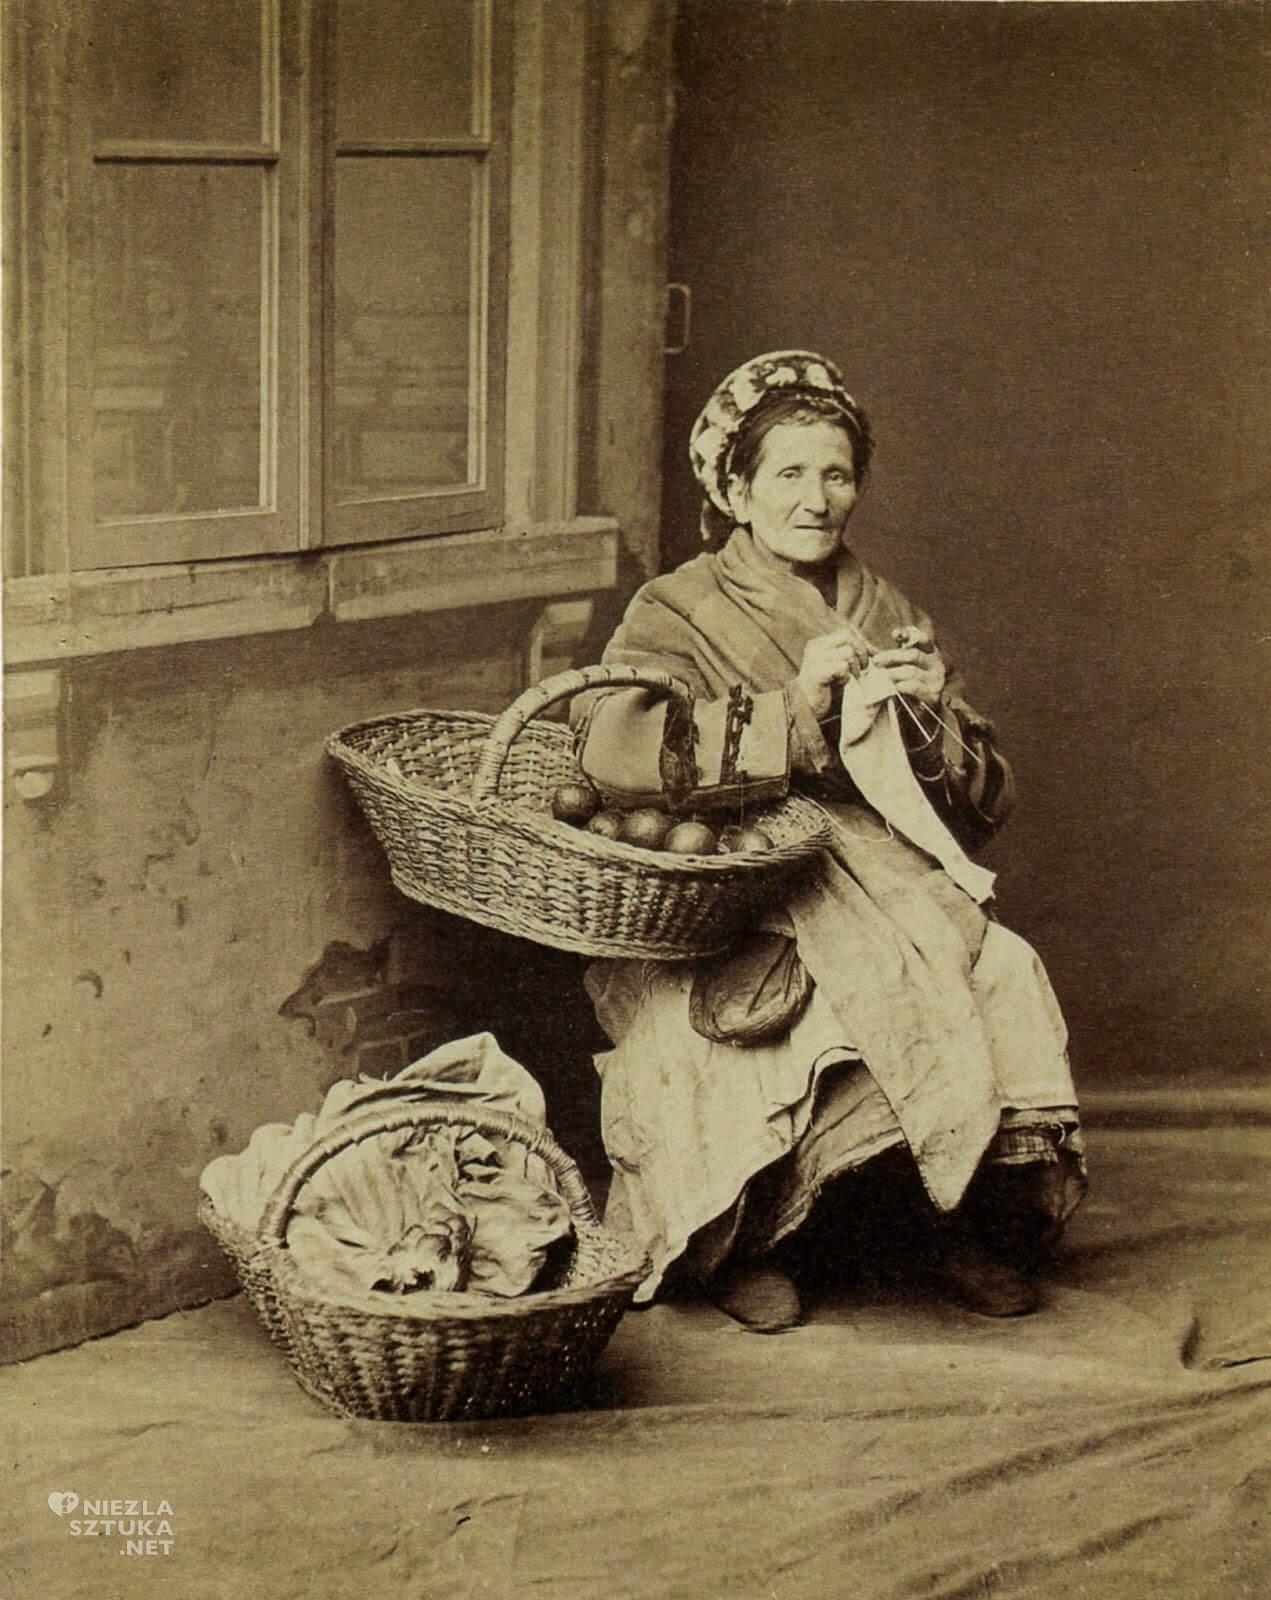 Konrad Brandel, Handlarka owoców, pomarańczarka, Pomarańczarka z obrazu, Aleksander Gierymski,Niezła sztuka